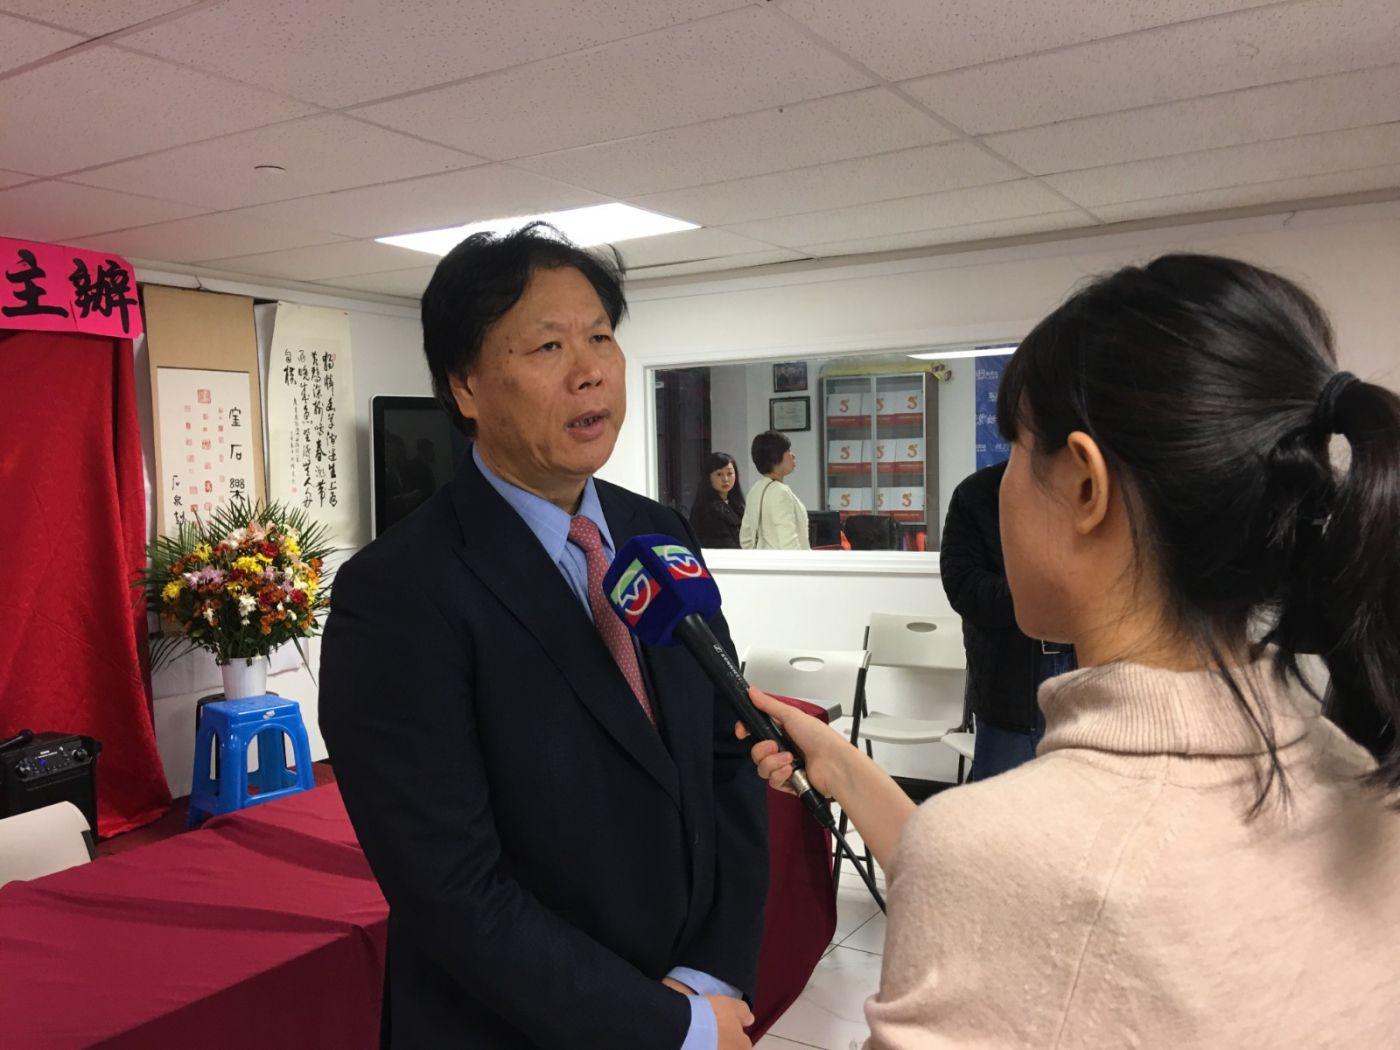 美国福建华人联合会欢迎福州市侨联主席蓝桂兰访美代表团一行 ... ..._图1-25